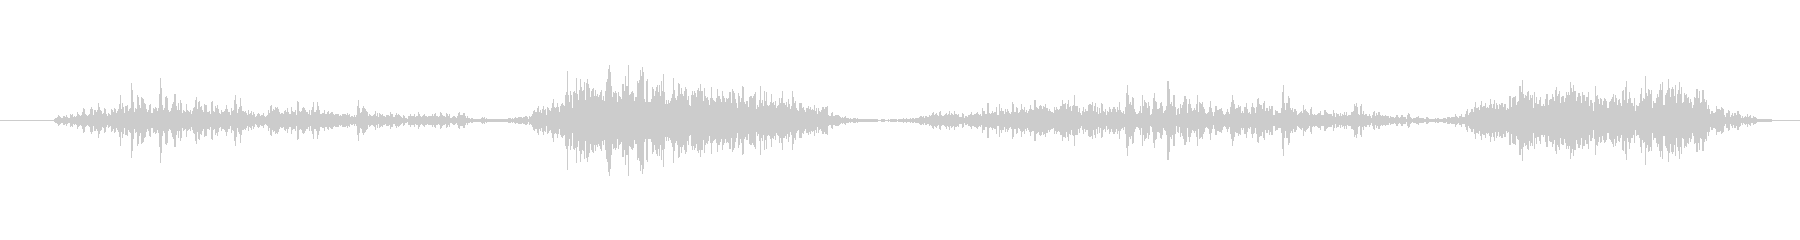 ハンドソー切断木材(短い動き)の未再生の波形